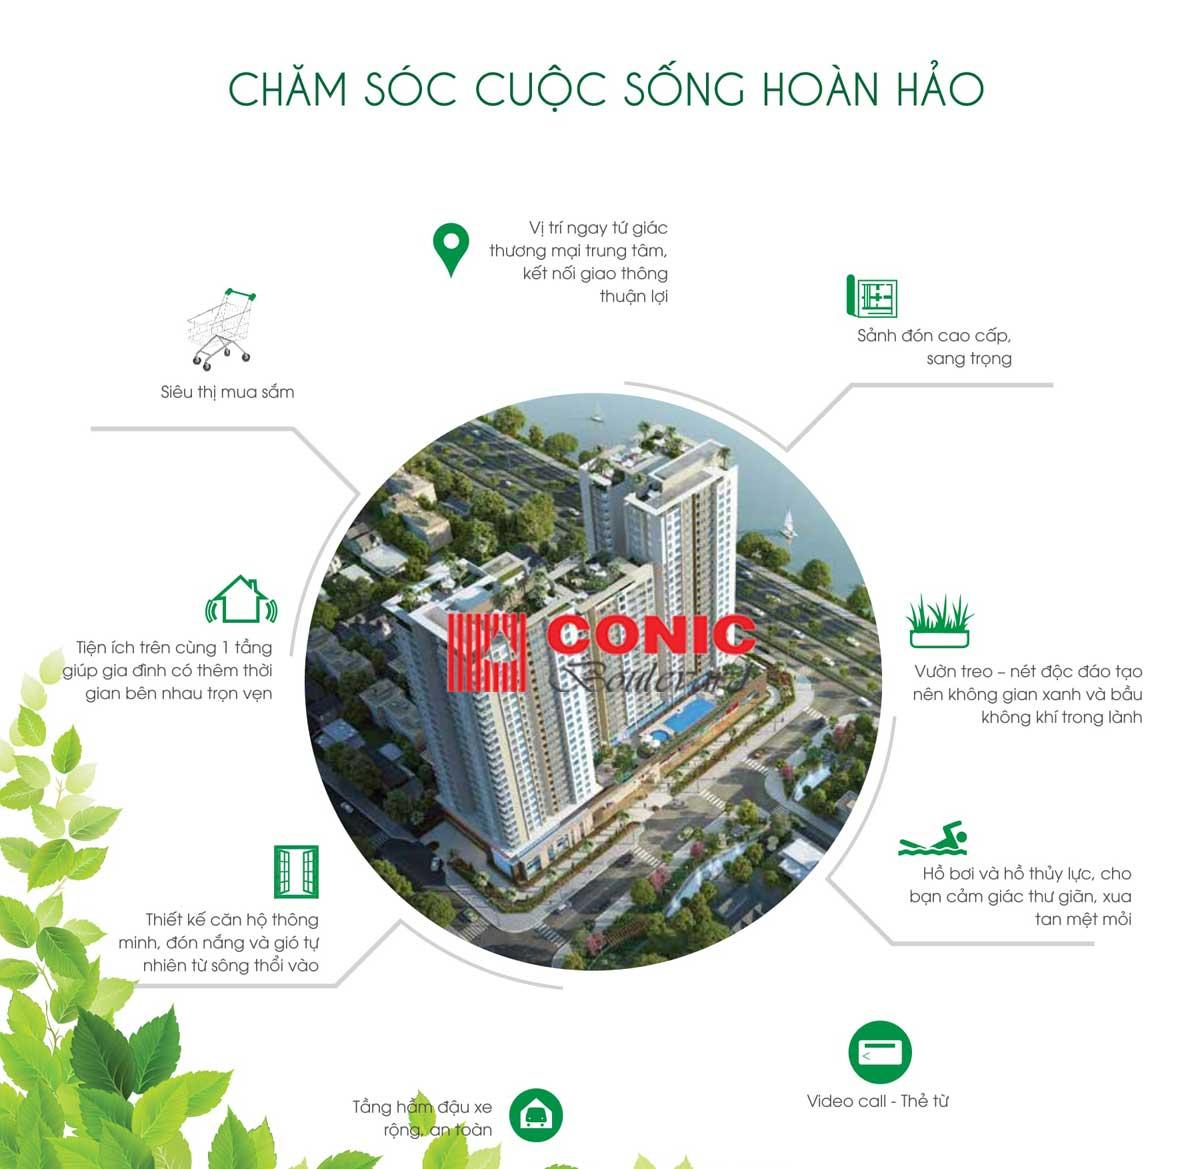 Tiện ích nội khu Dự án Căn hộ Chung cư Conic Boulevard Quận 6